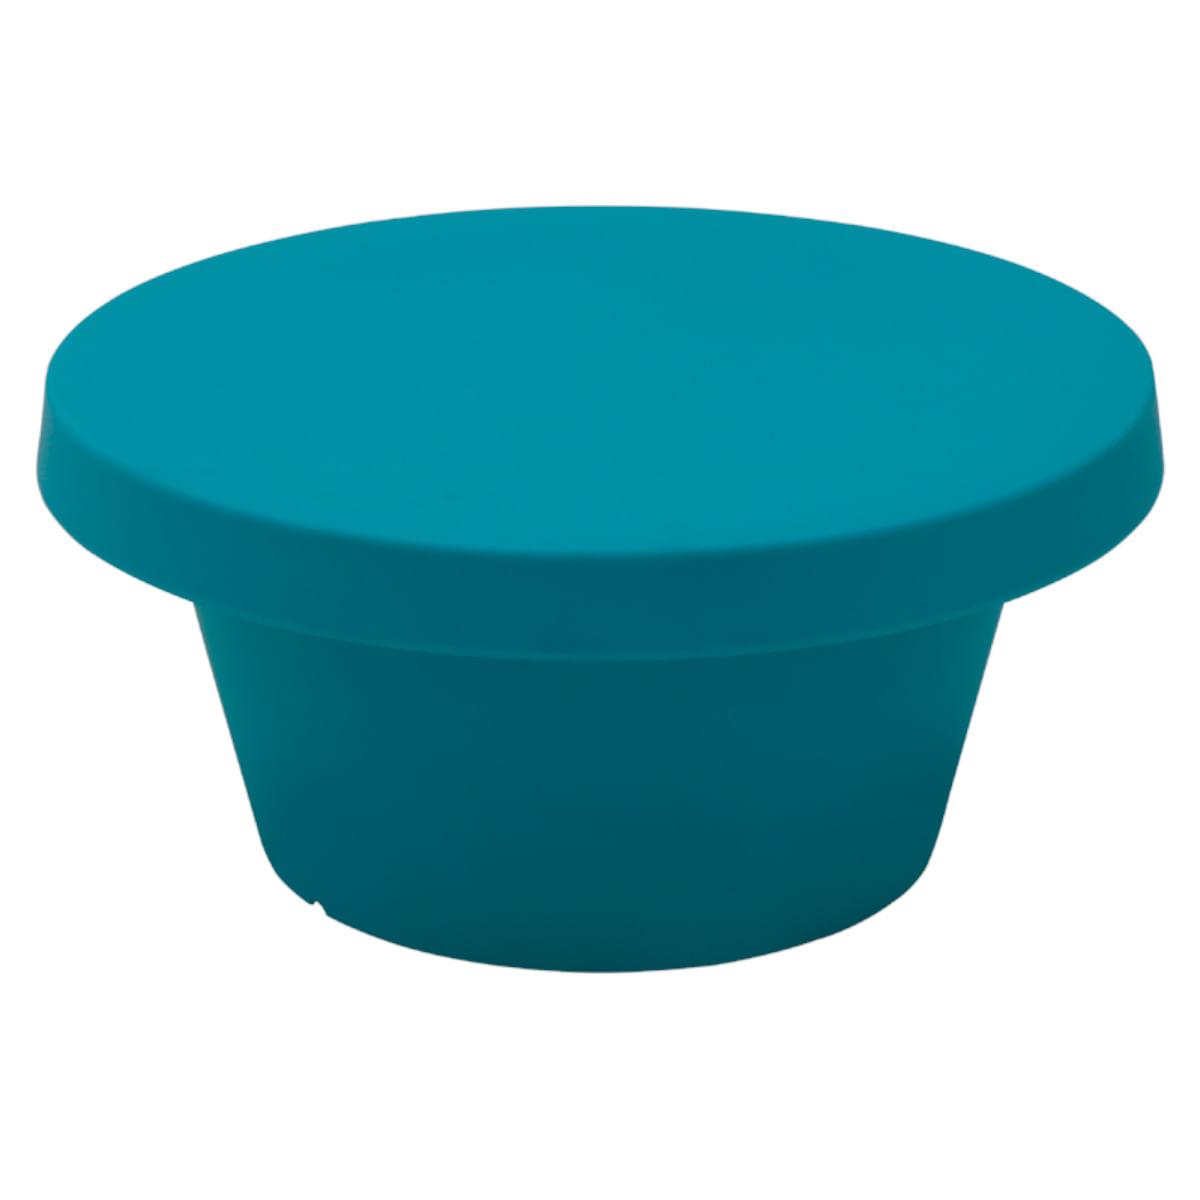 Mesa de Centro Infantil Tramontina Cona em Polietileno Azul